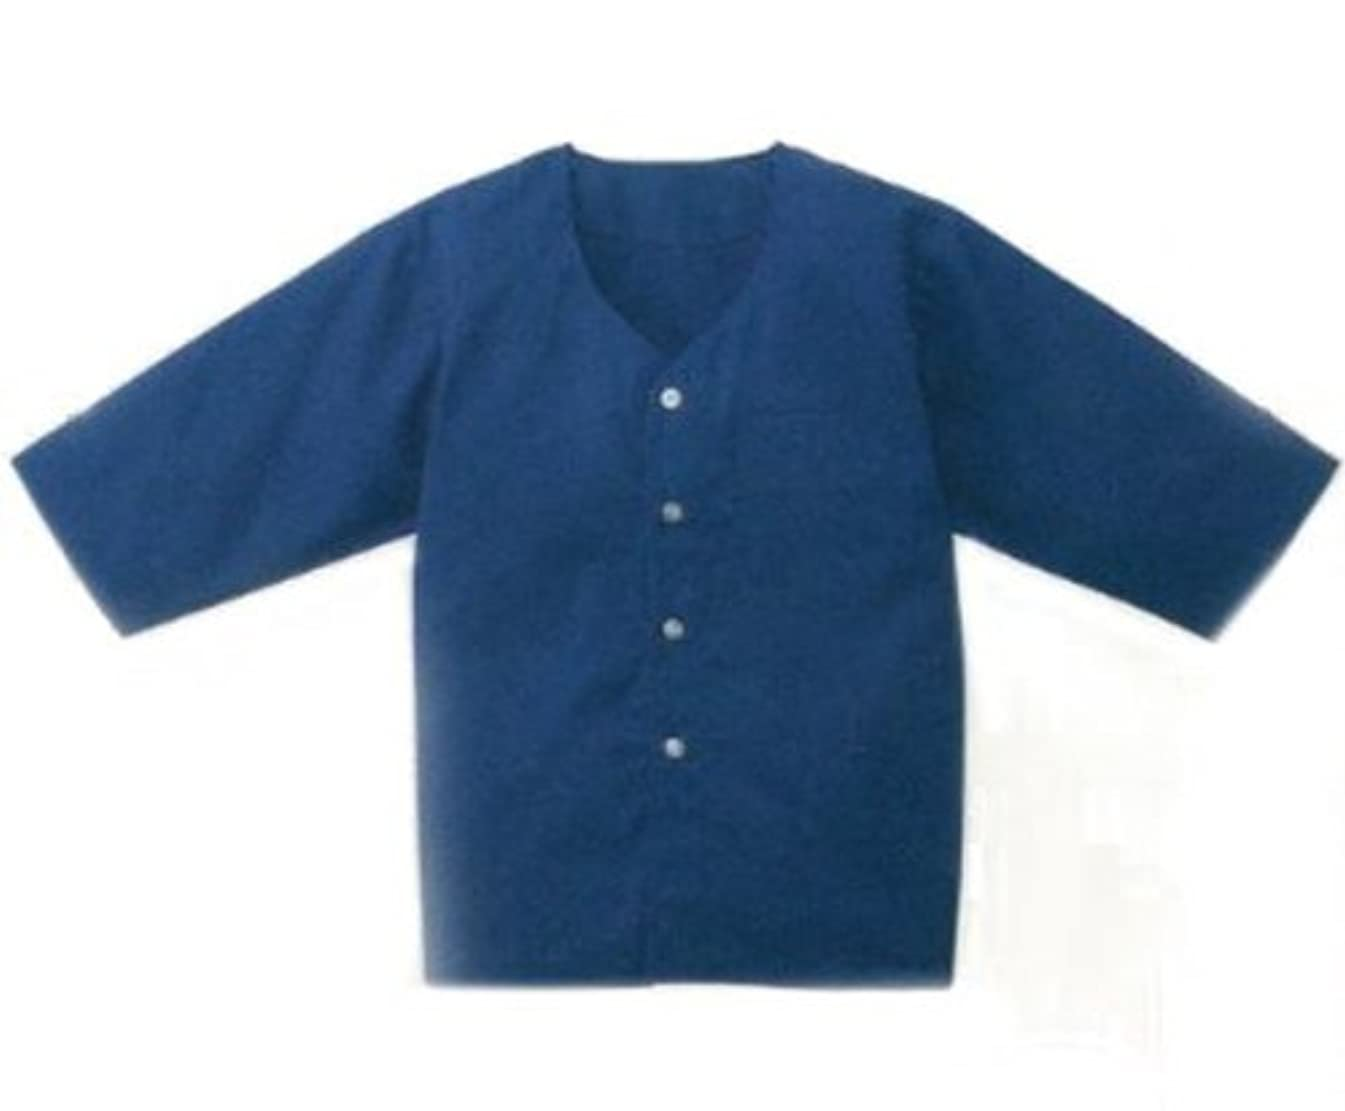 学校教育一時解雇する膨張するダボシャツ七分袖 【花紺】【064-7200-03】